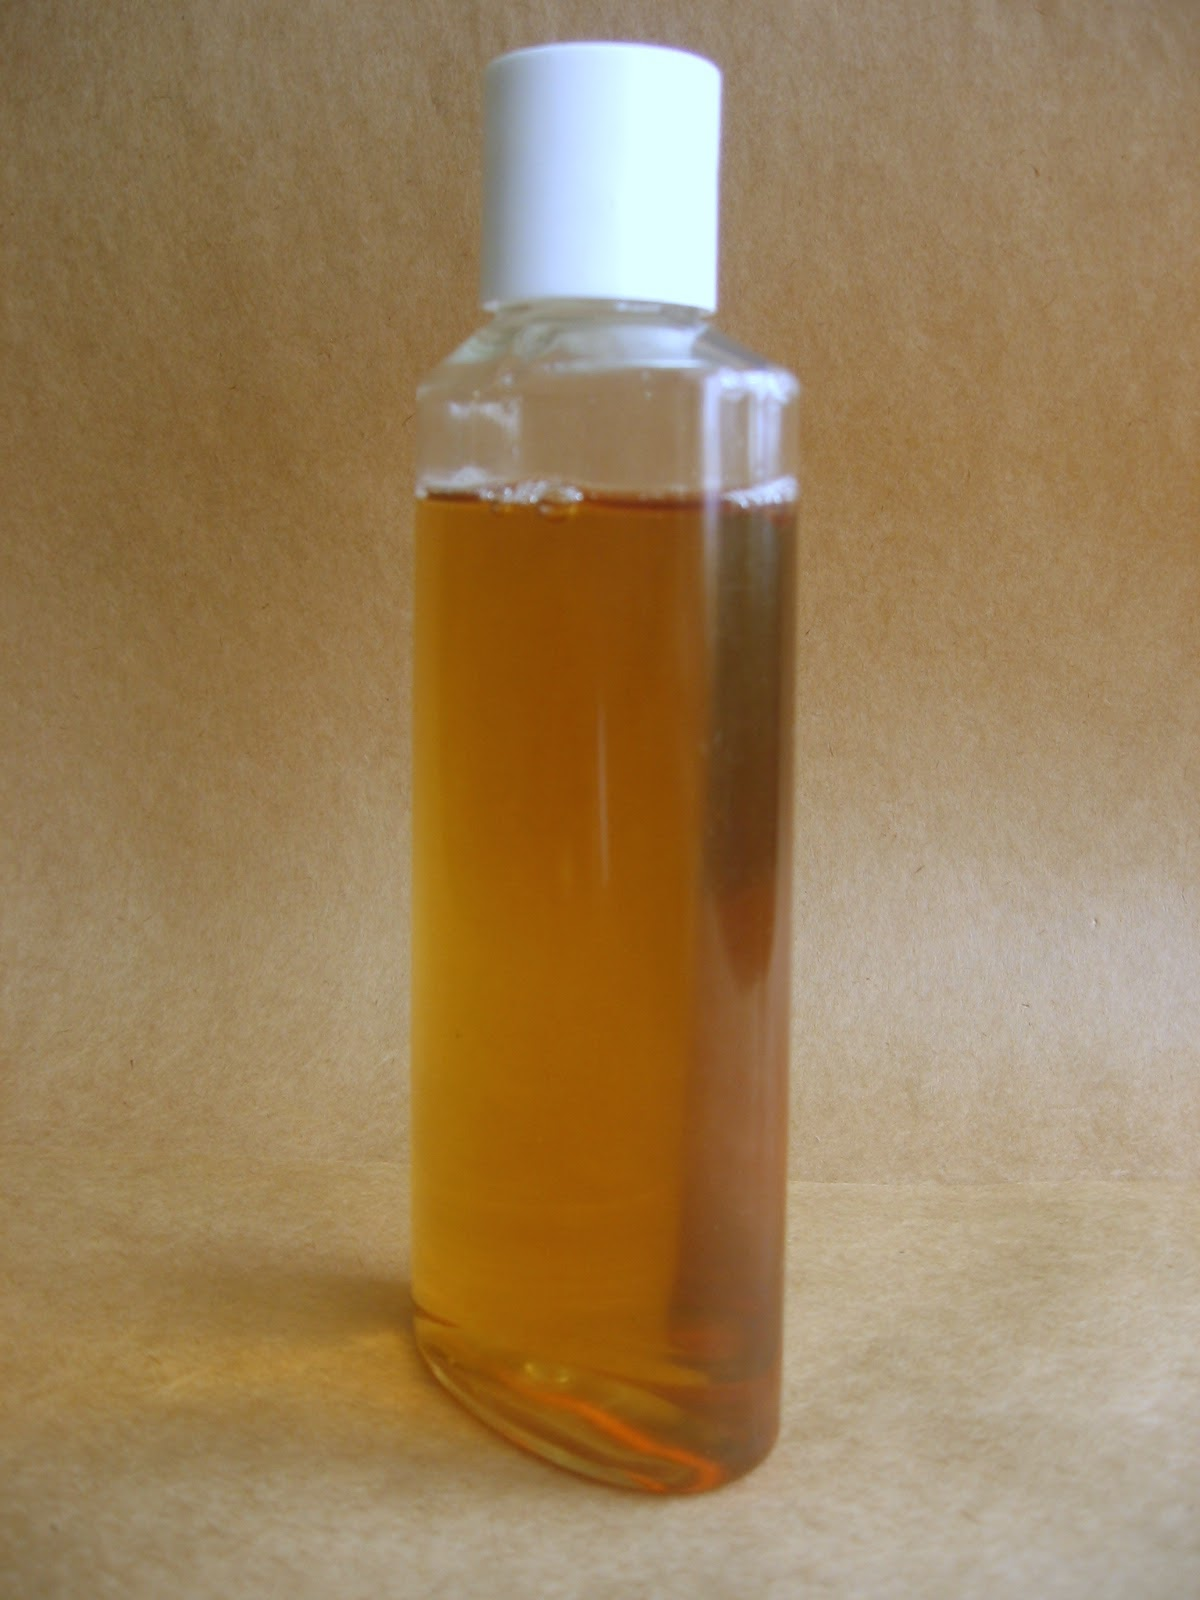 Пилинг молочной кислотой (рецепты с фото, инструкция) 16